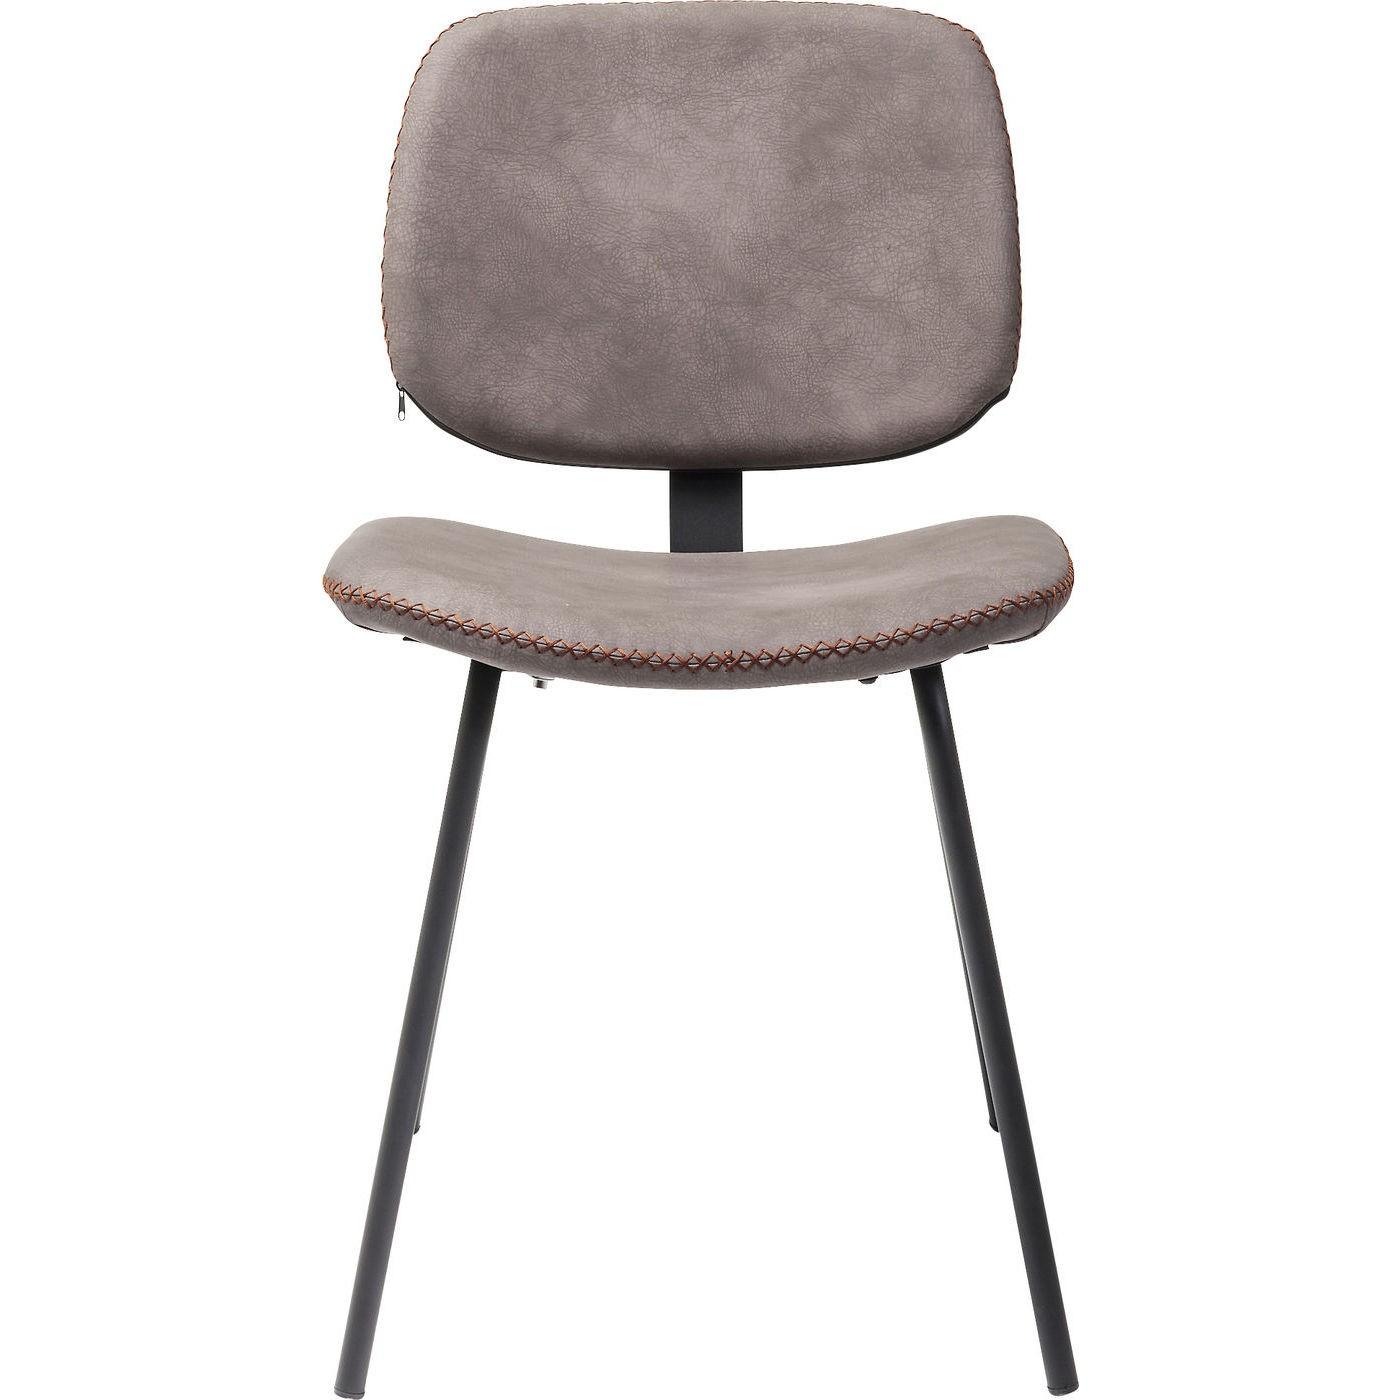 KARE DESIGN Barber spisebordsstol - brunt kunstlæder og sort stål